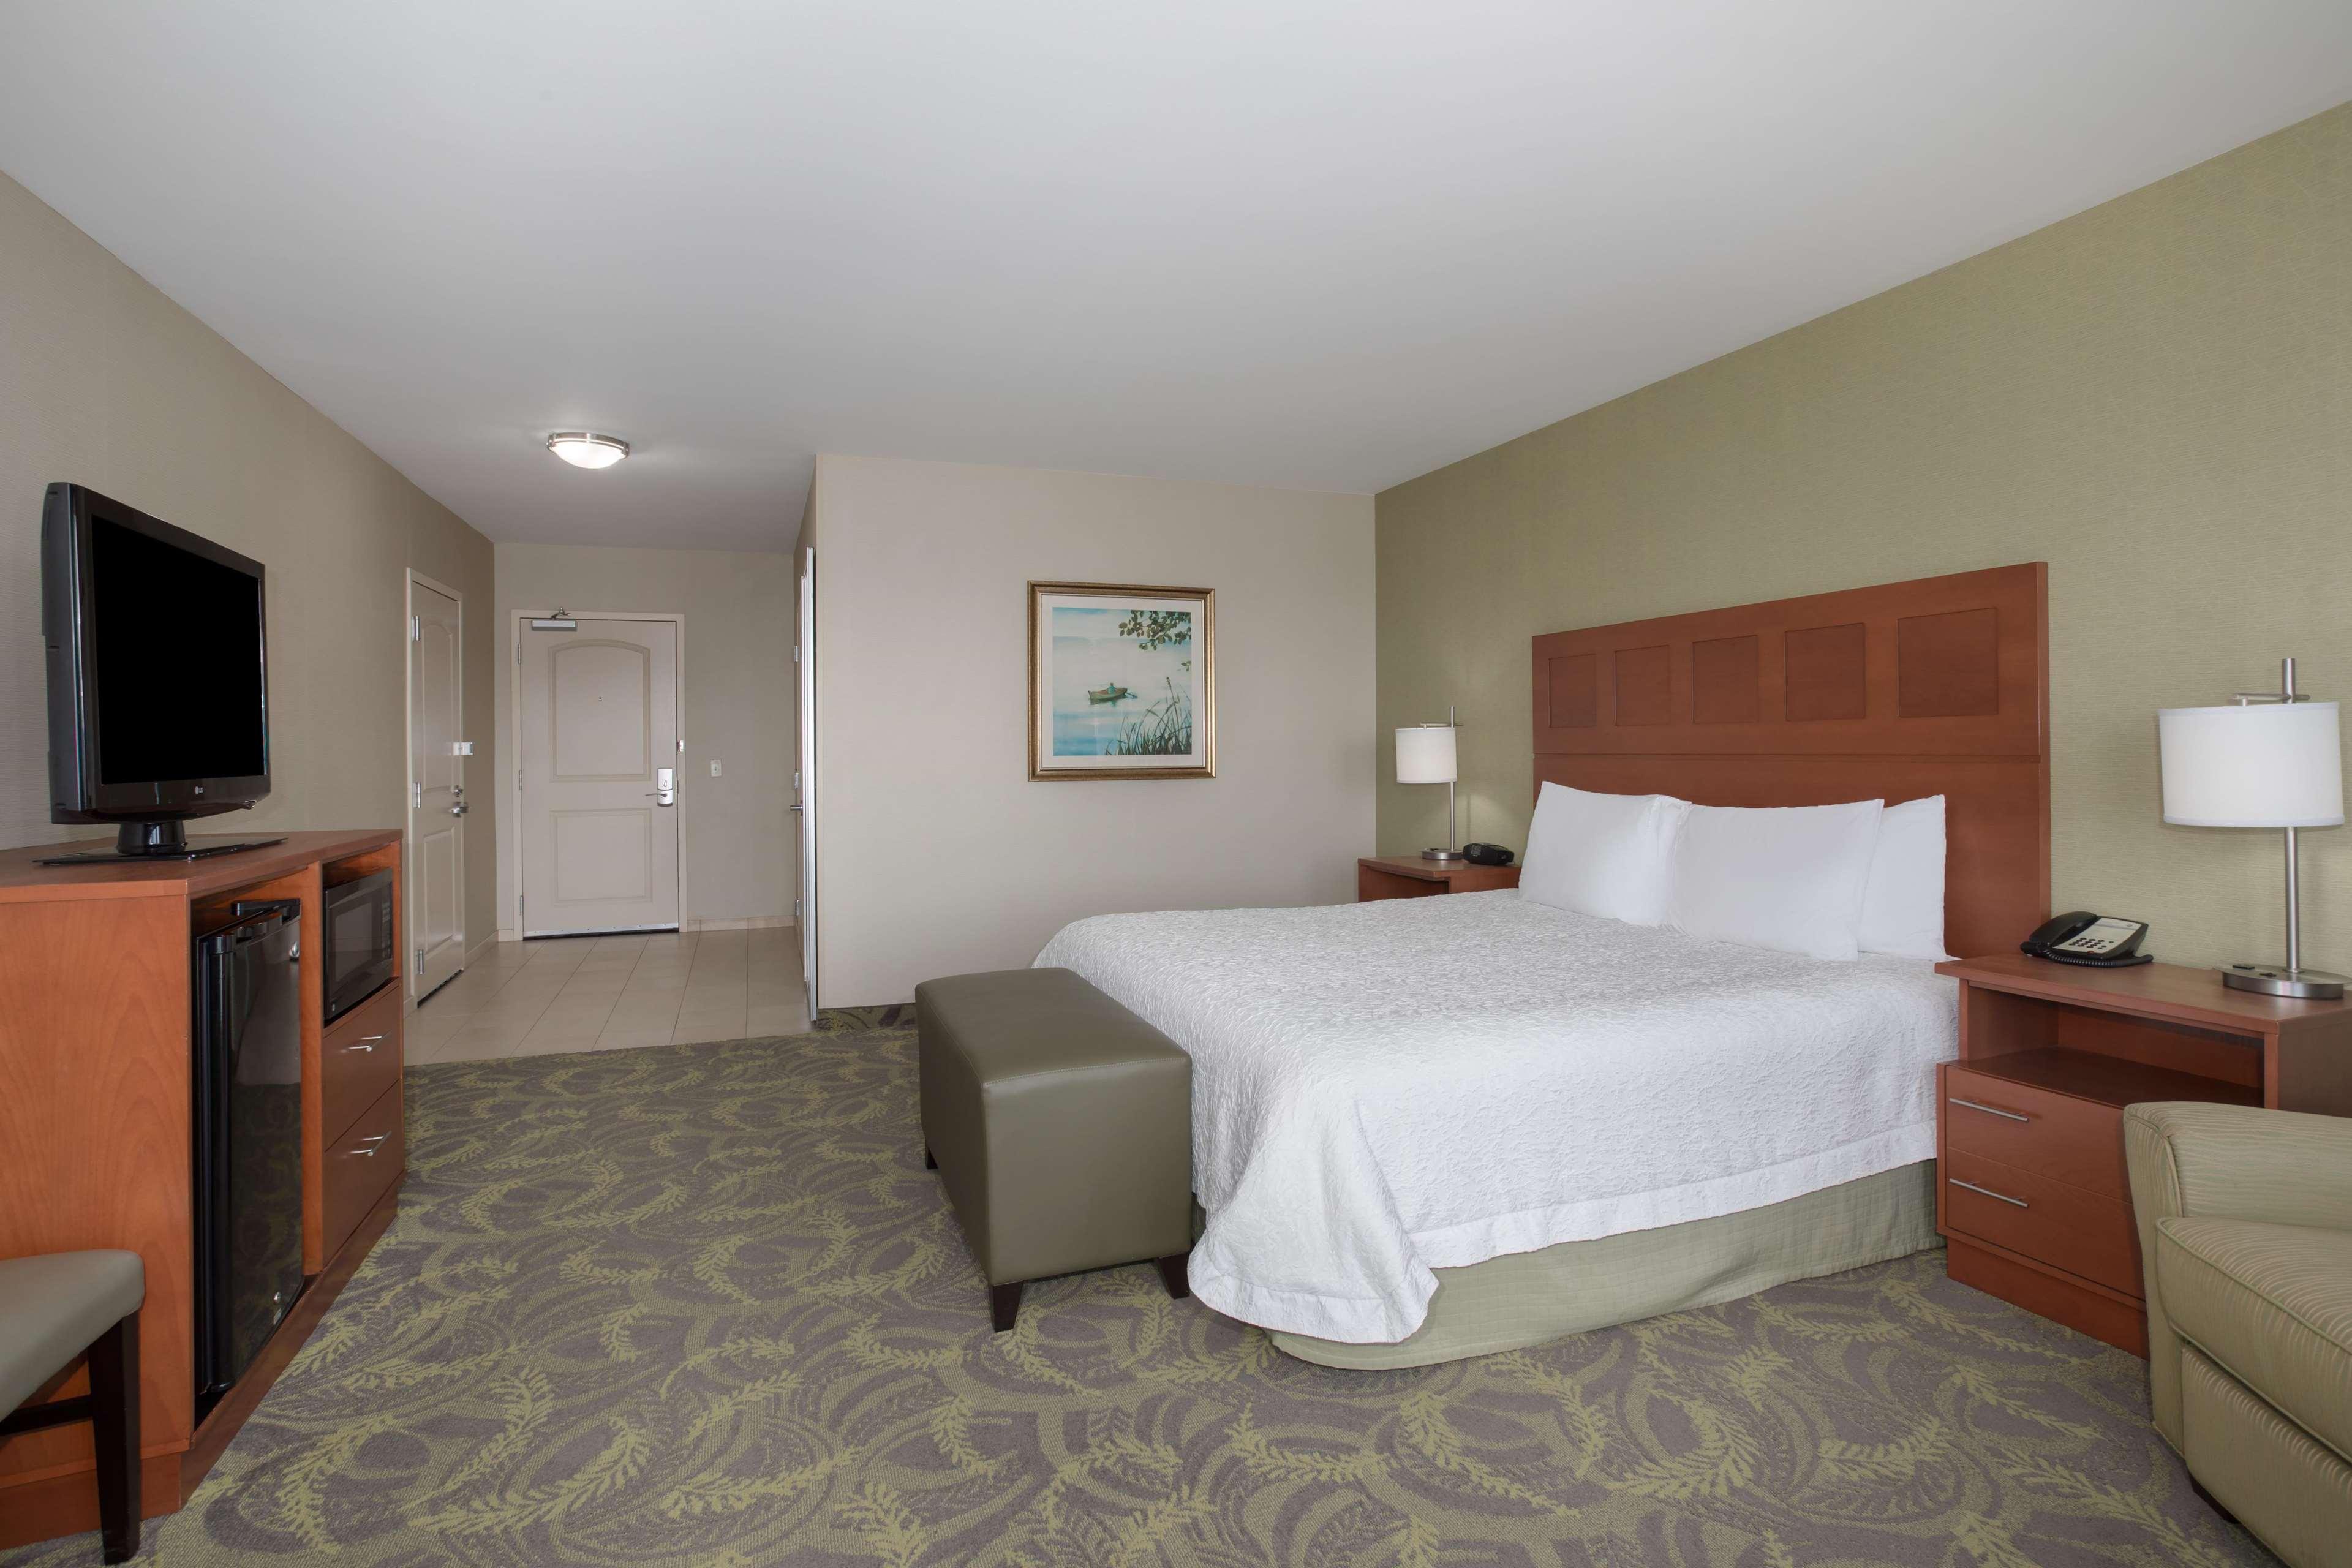 Hampton Inn & Suites Astoria image 51